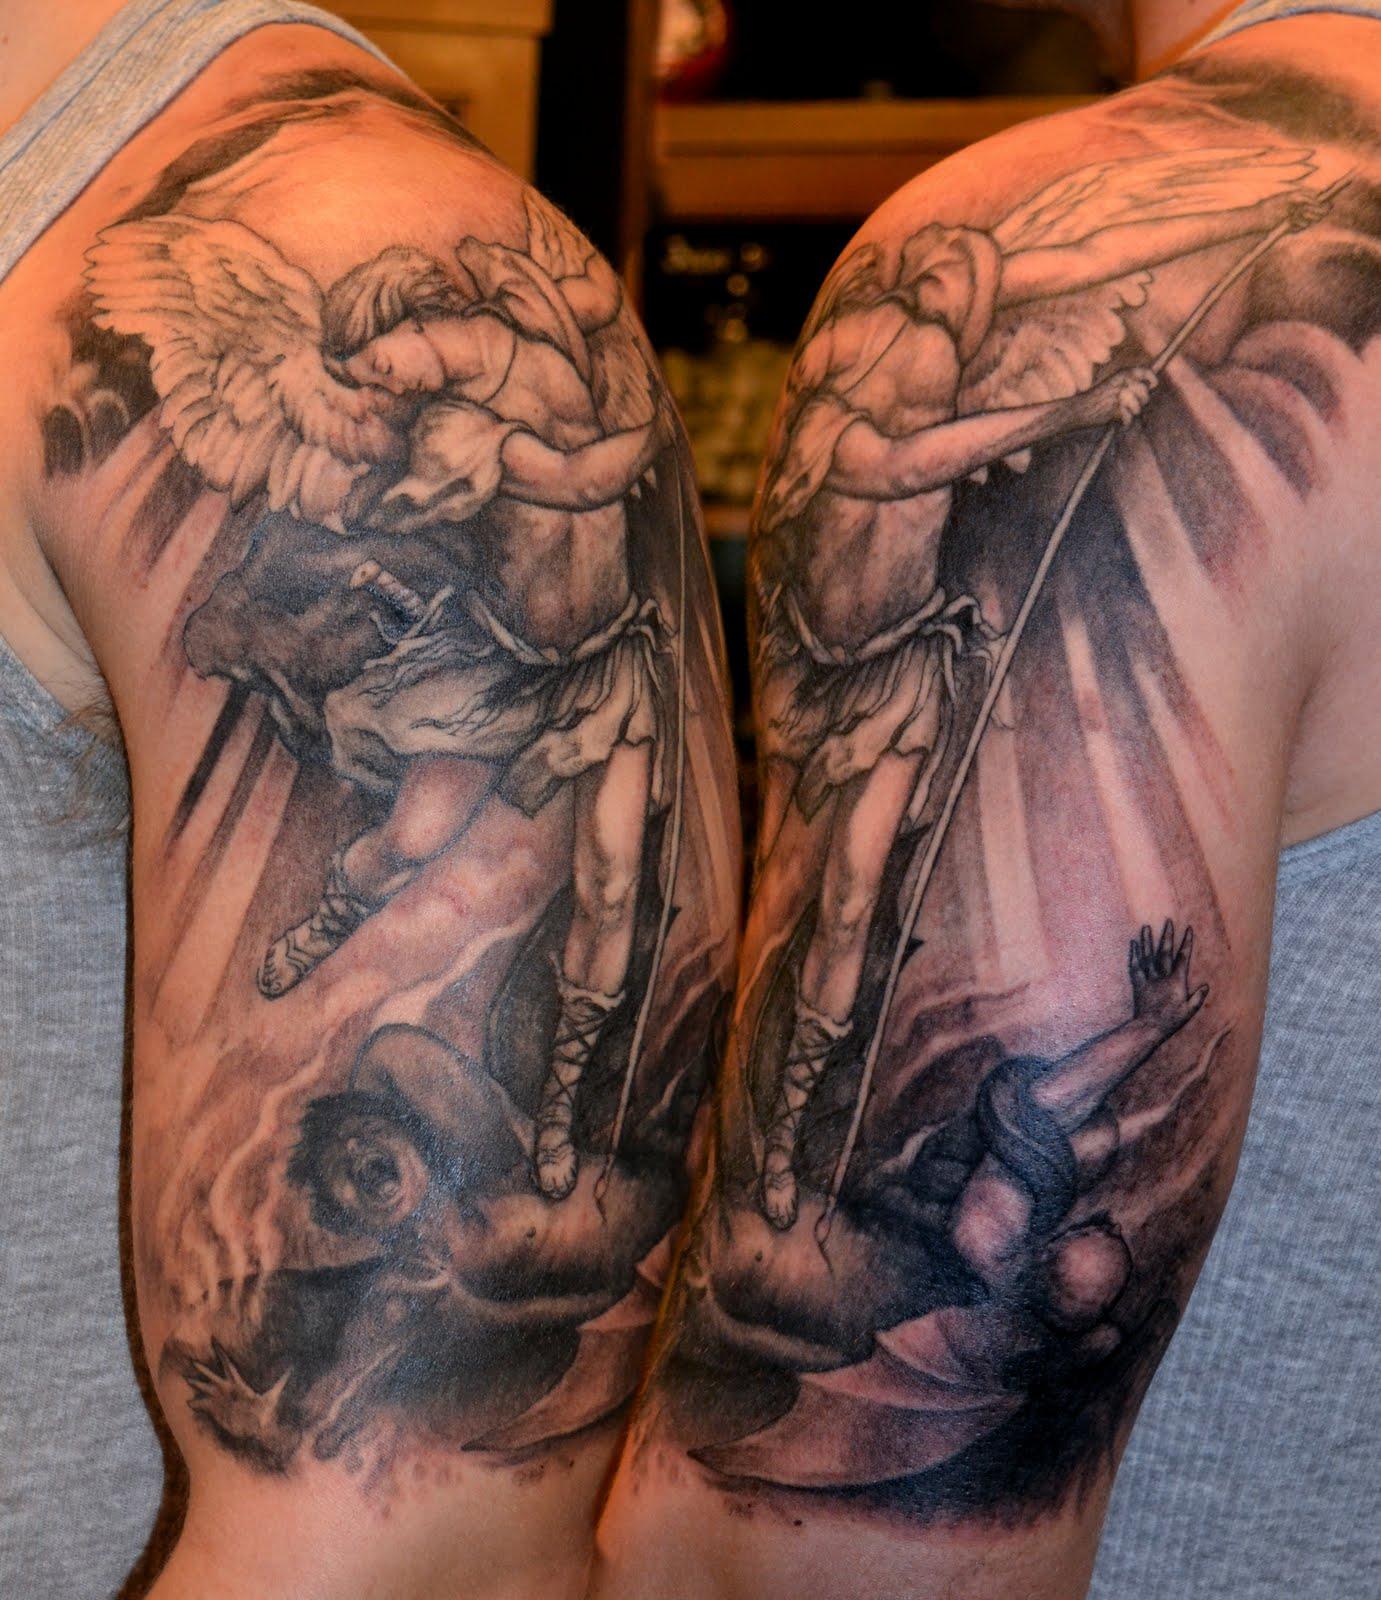 St Michael Tattoo: Tattoos By Scott Trerrotola: St. Michael Tattoo